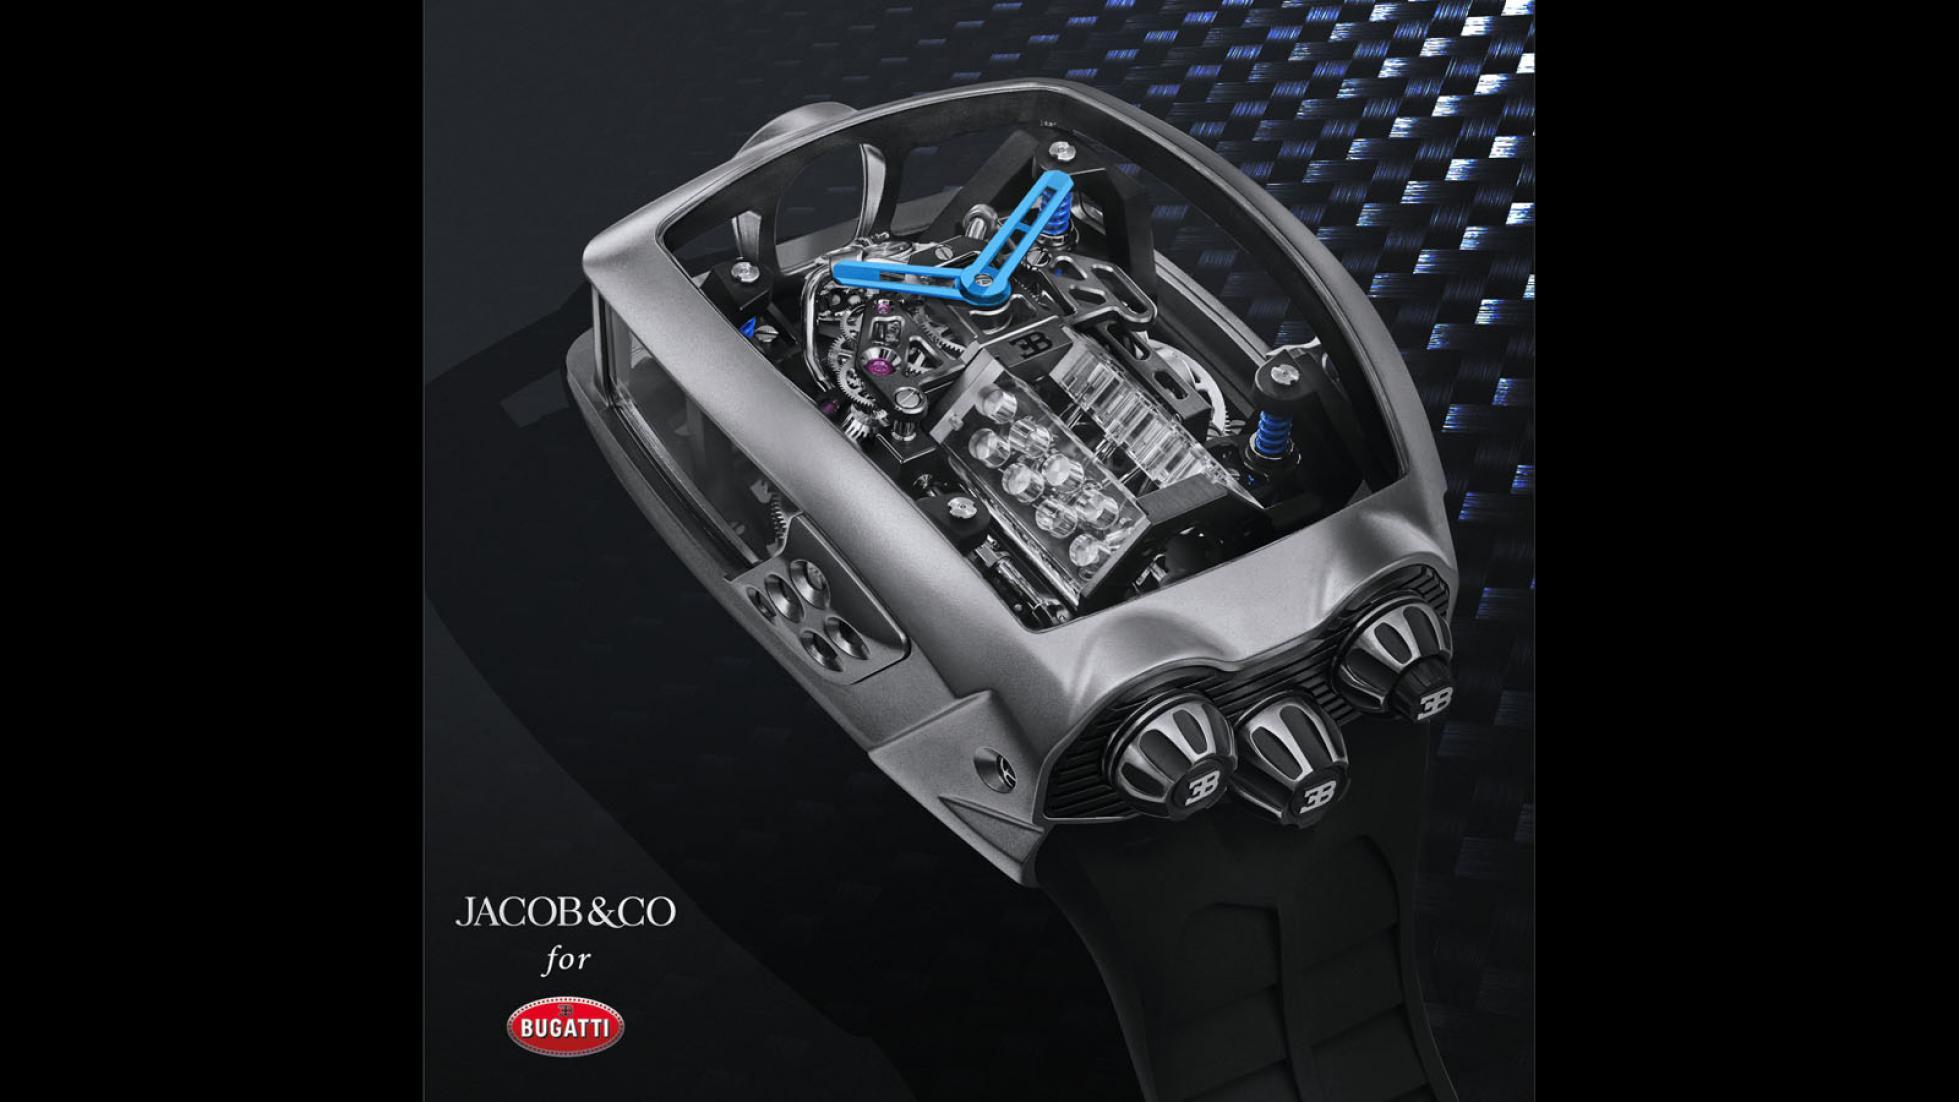 Bugatti Chiron 16 Cylinder Tourbillon